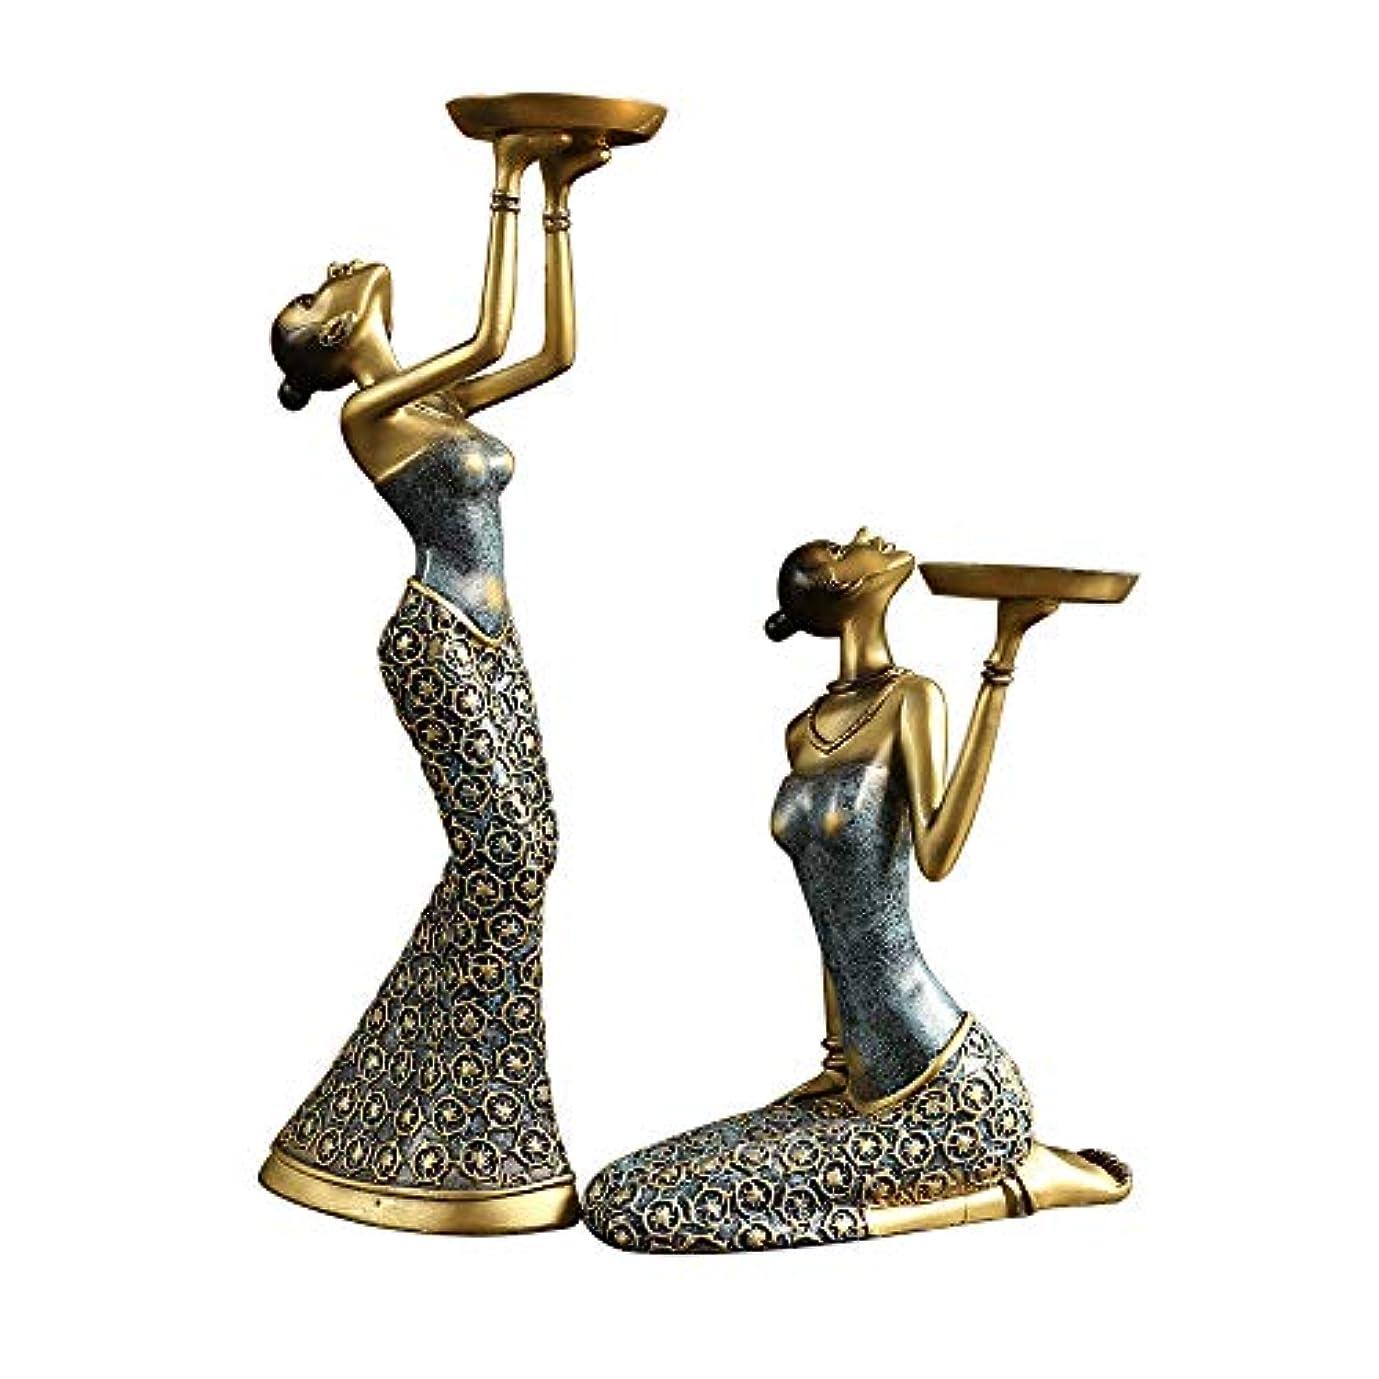 ブレスそれ足2個入りの樹脂ビューティーベースローソク足、2.5インチの厚いキャンドル、手彫り、レトロエレガント、ホームキャンドルライトディナー、結婚式、テーブルの装飾に適合。